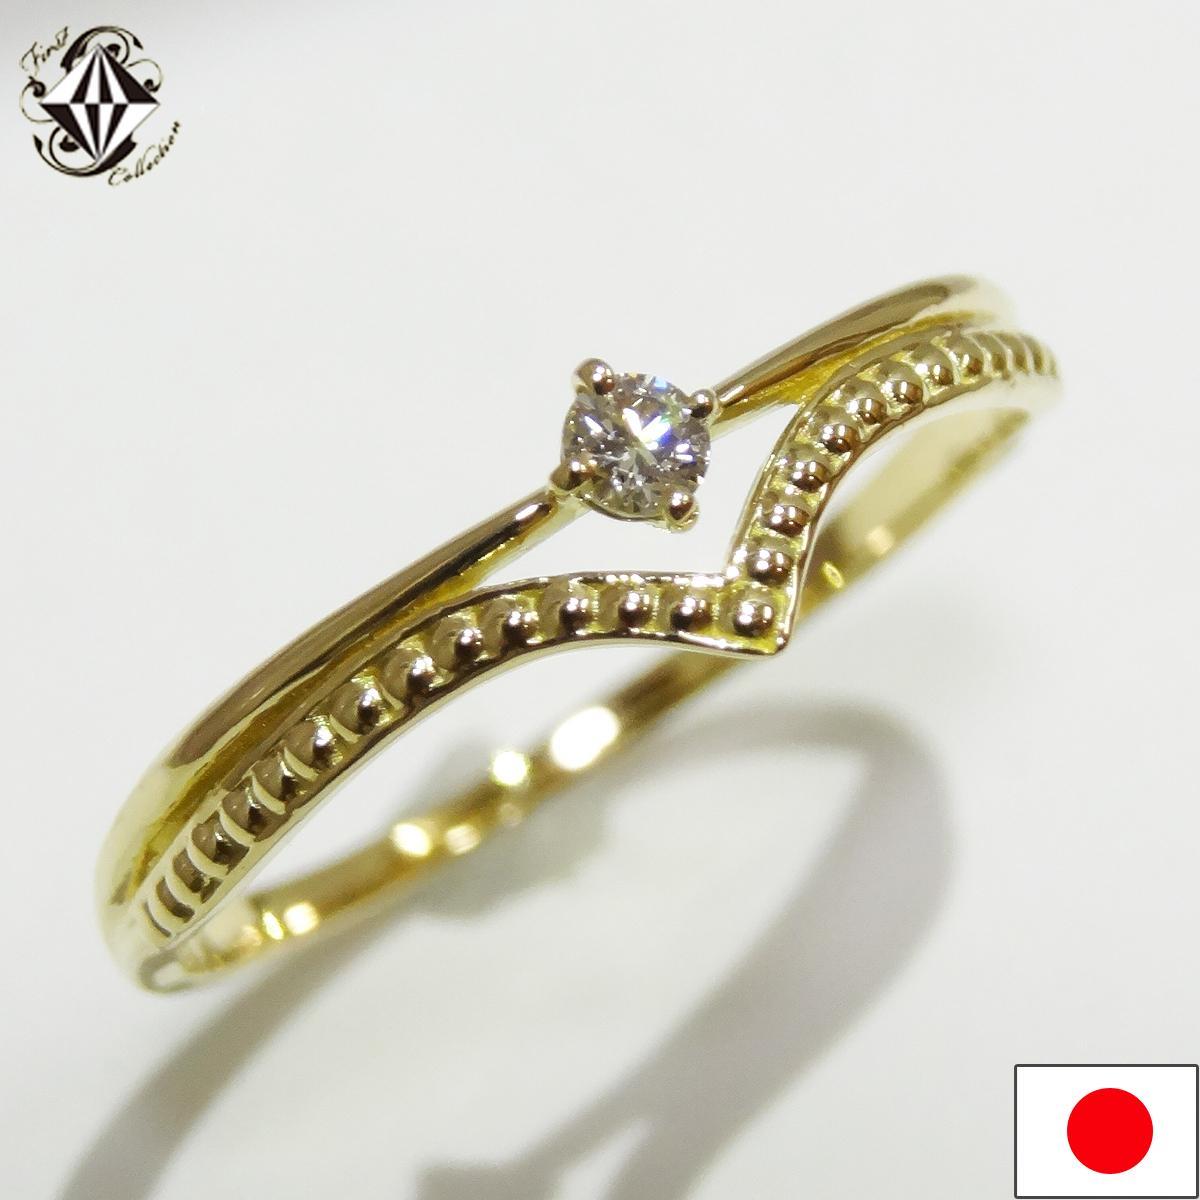 K18 リング 指輪 誕生石 天然 ダイヤモンド ピンキーリング 18金 ゴールド 普段使い 高品質 ティアラモチーフ